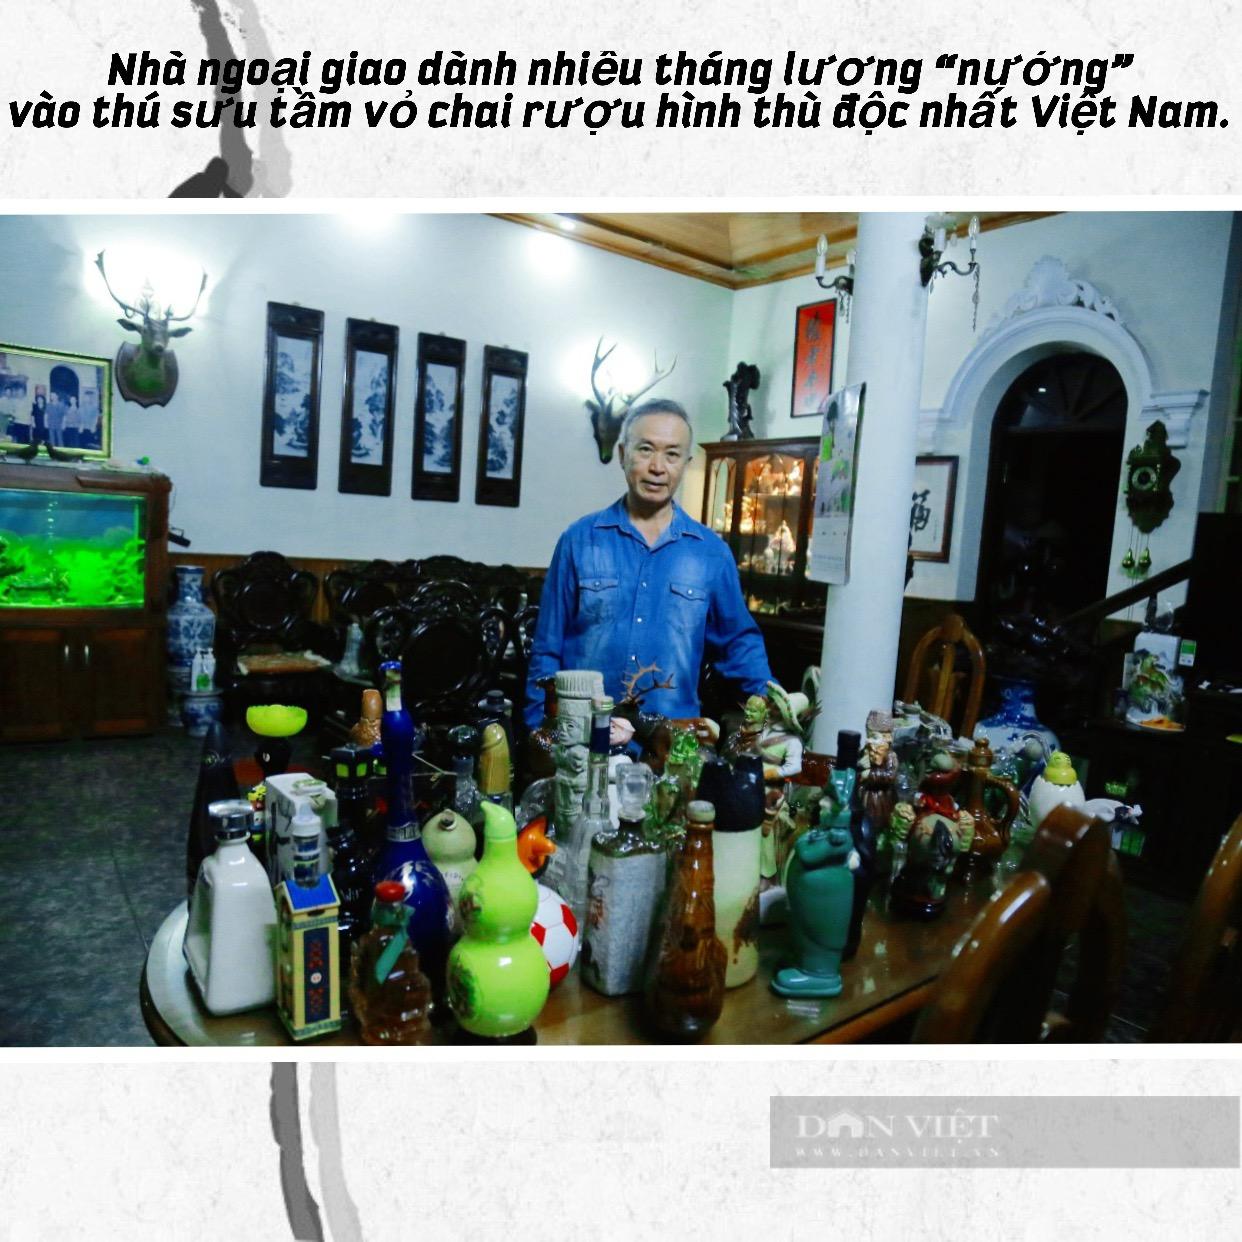 """Nhà ngoại giao dành nhiều tháng lương """"nướng"""" vào thú sưu tầm vỏ chai rượu hình thù độc nhất Việt Nam - Ảnh 1."""